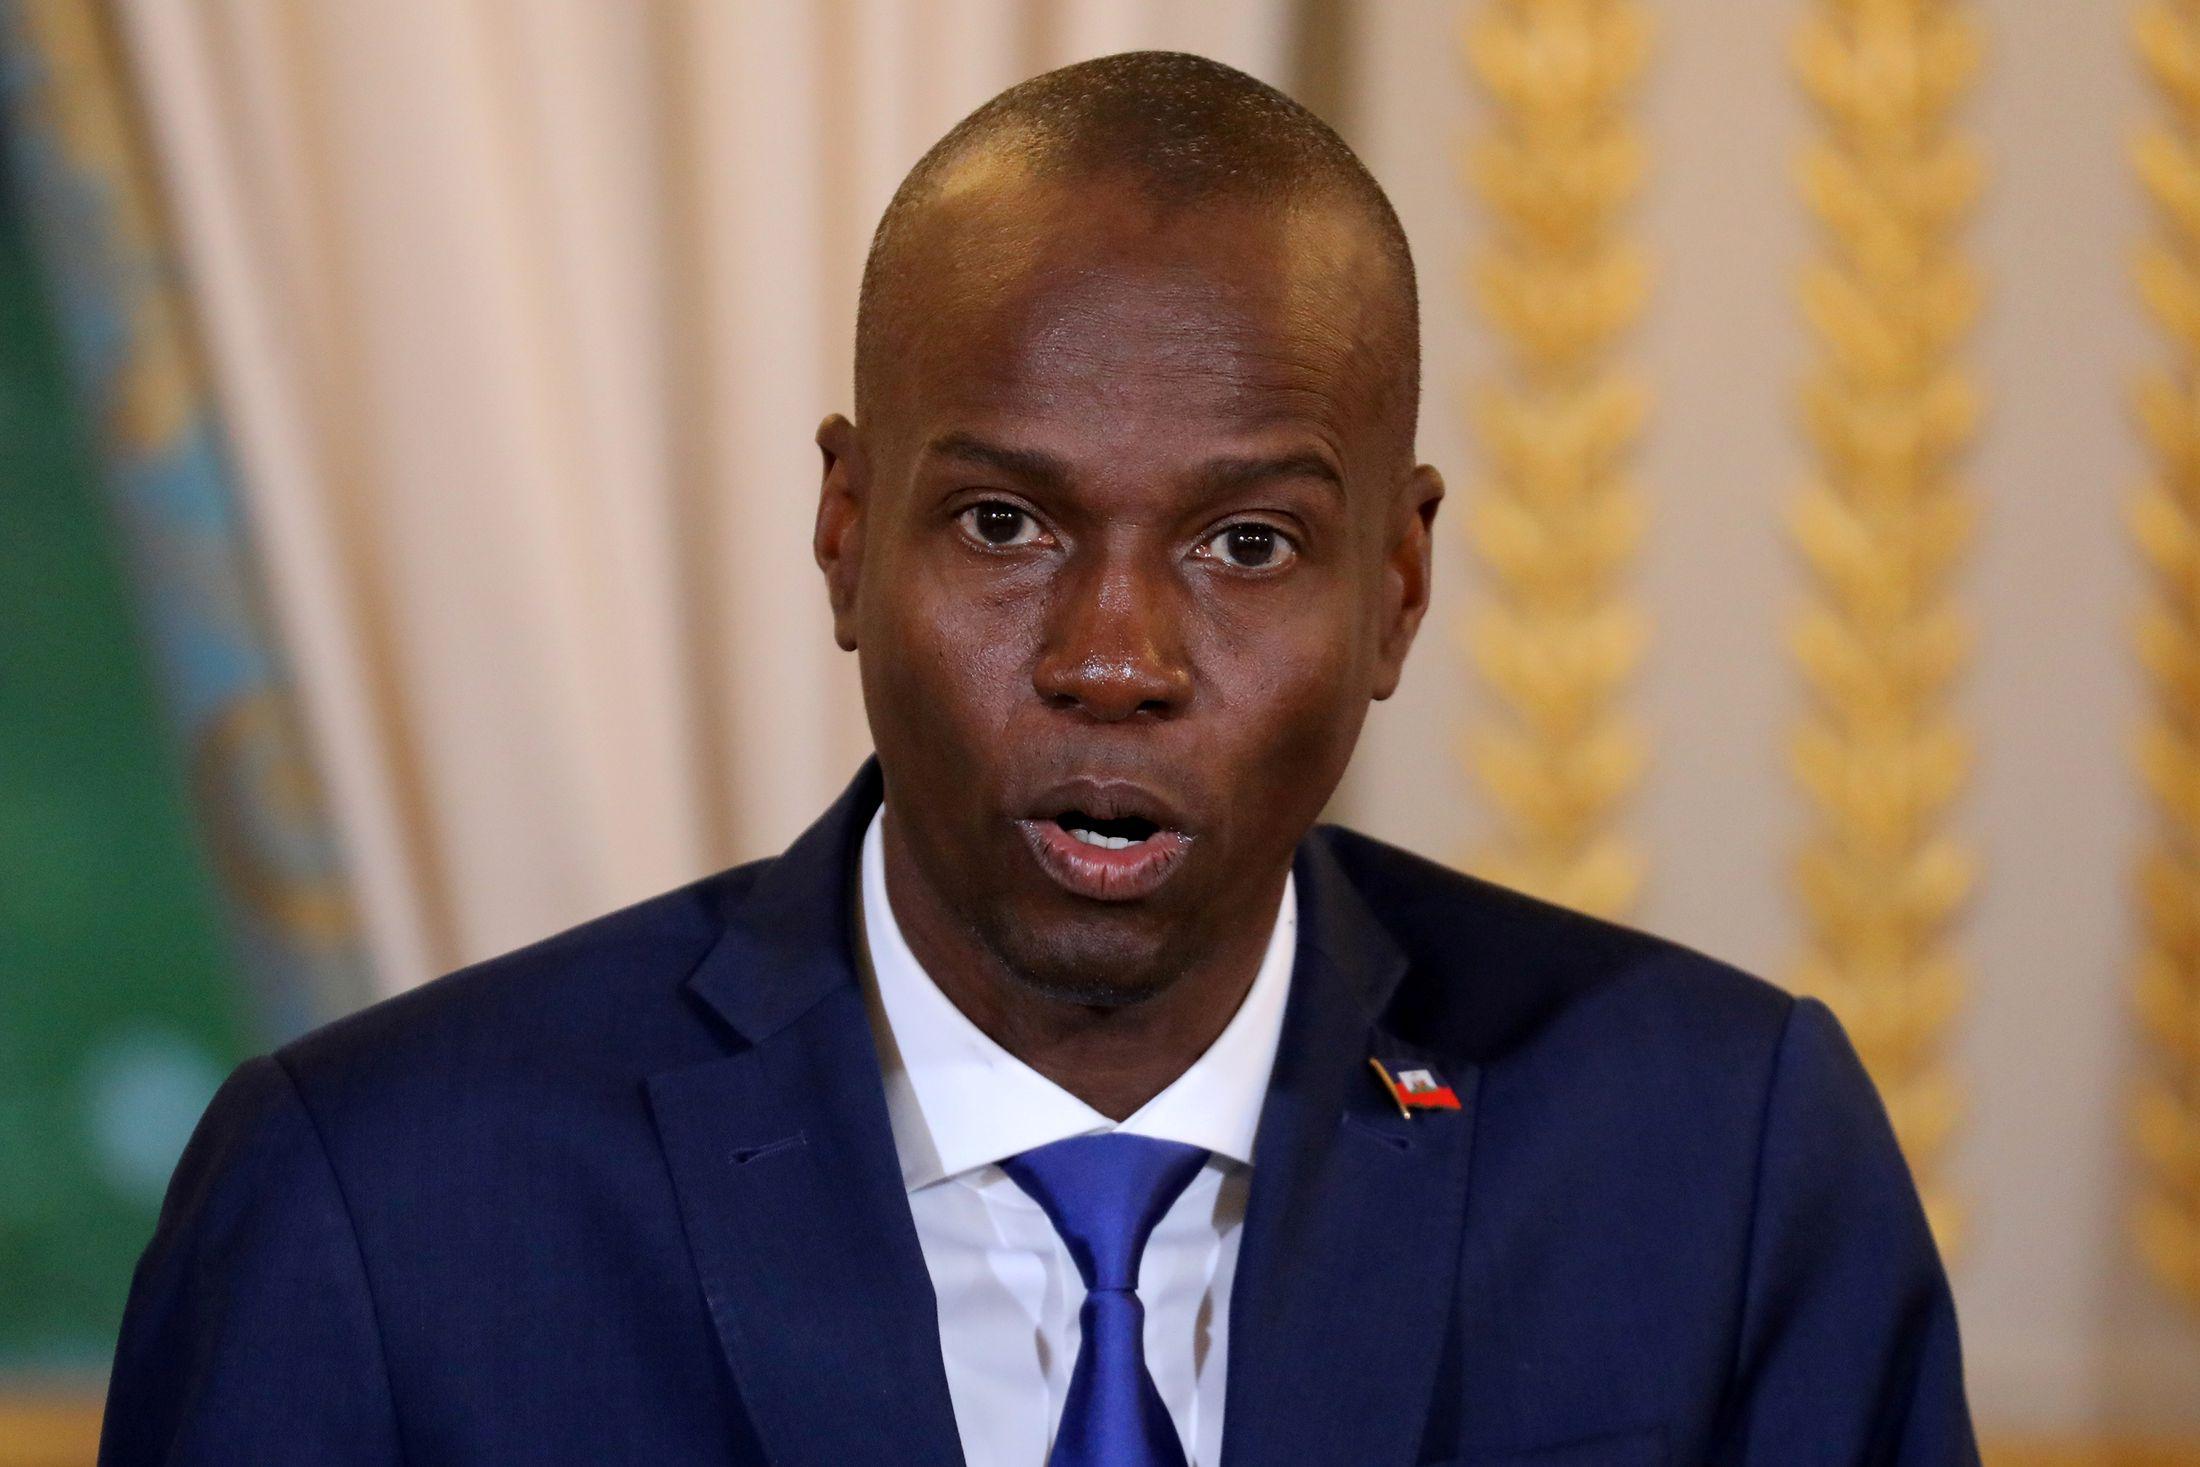 Названо число задержанных по подозрению в убийстве президента Гаити